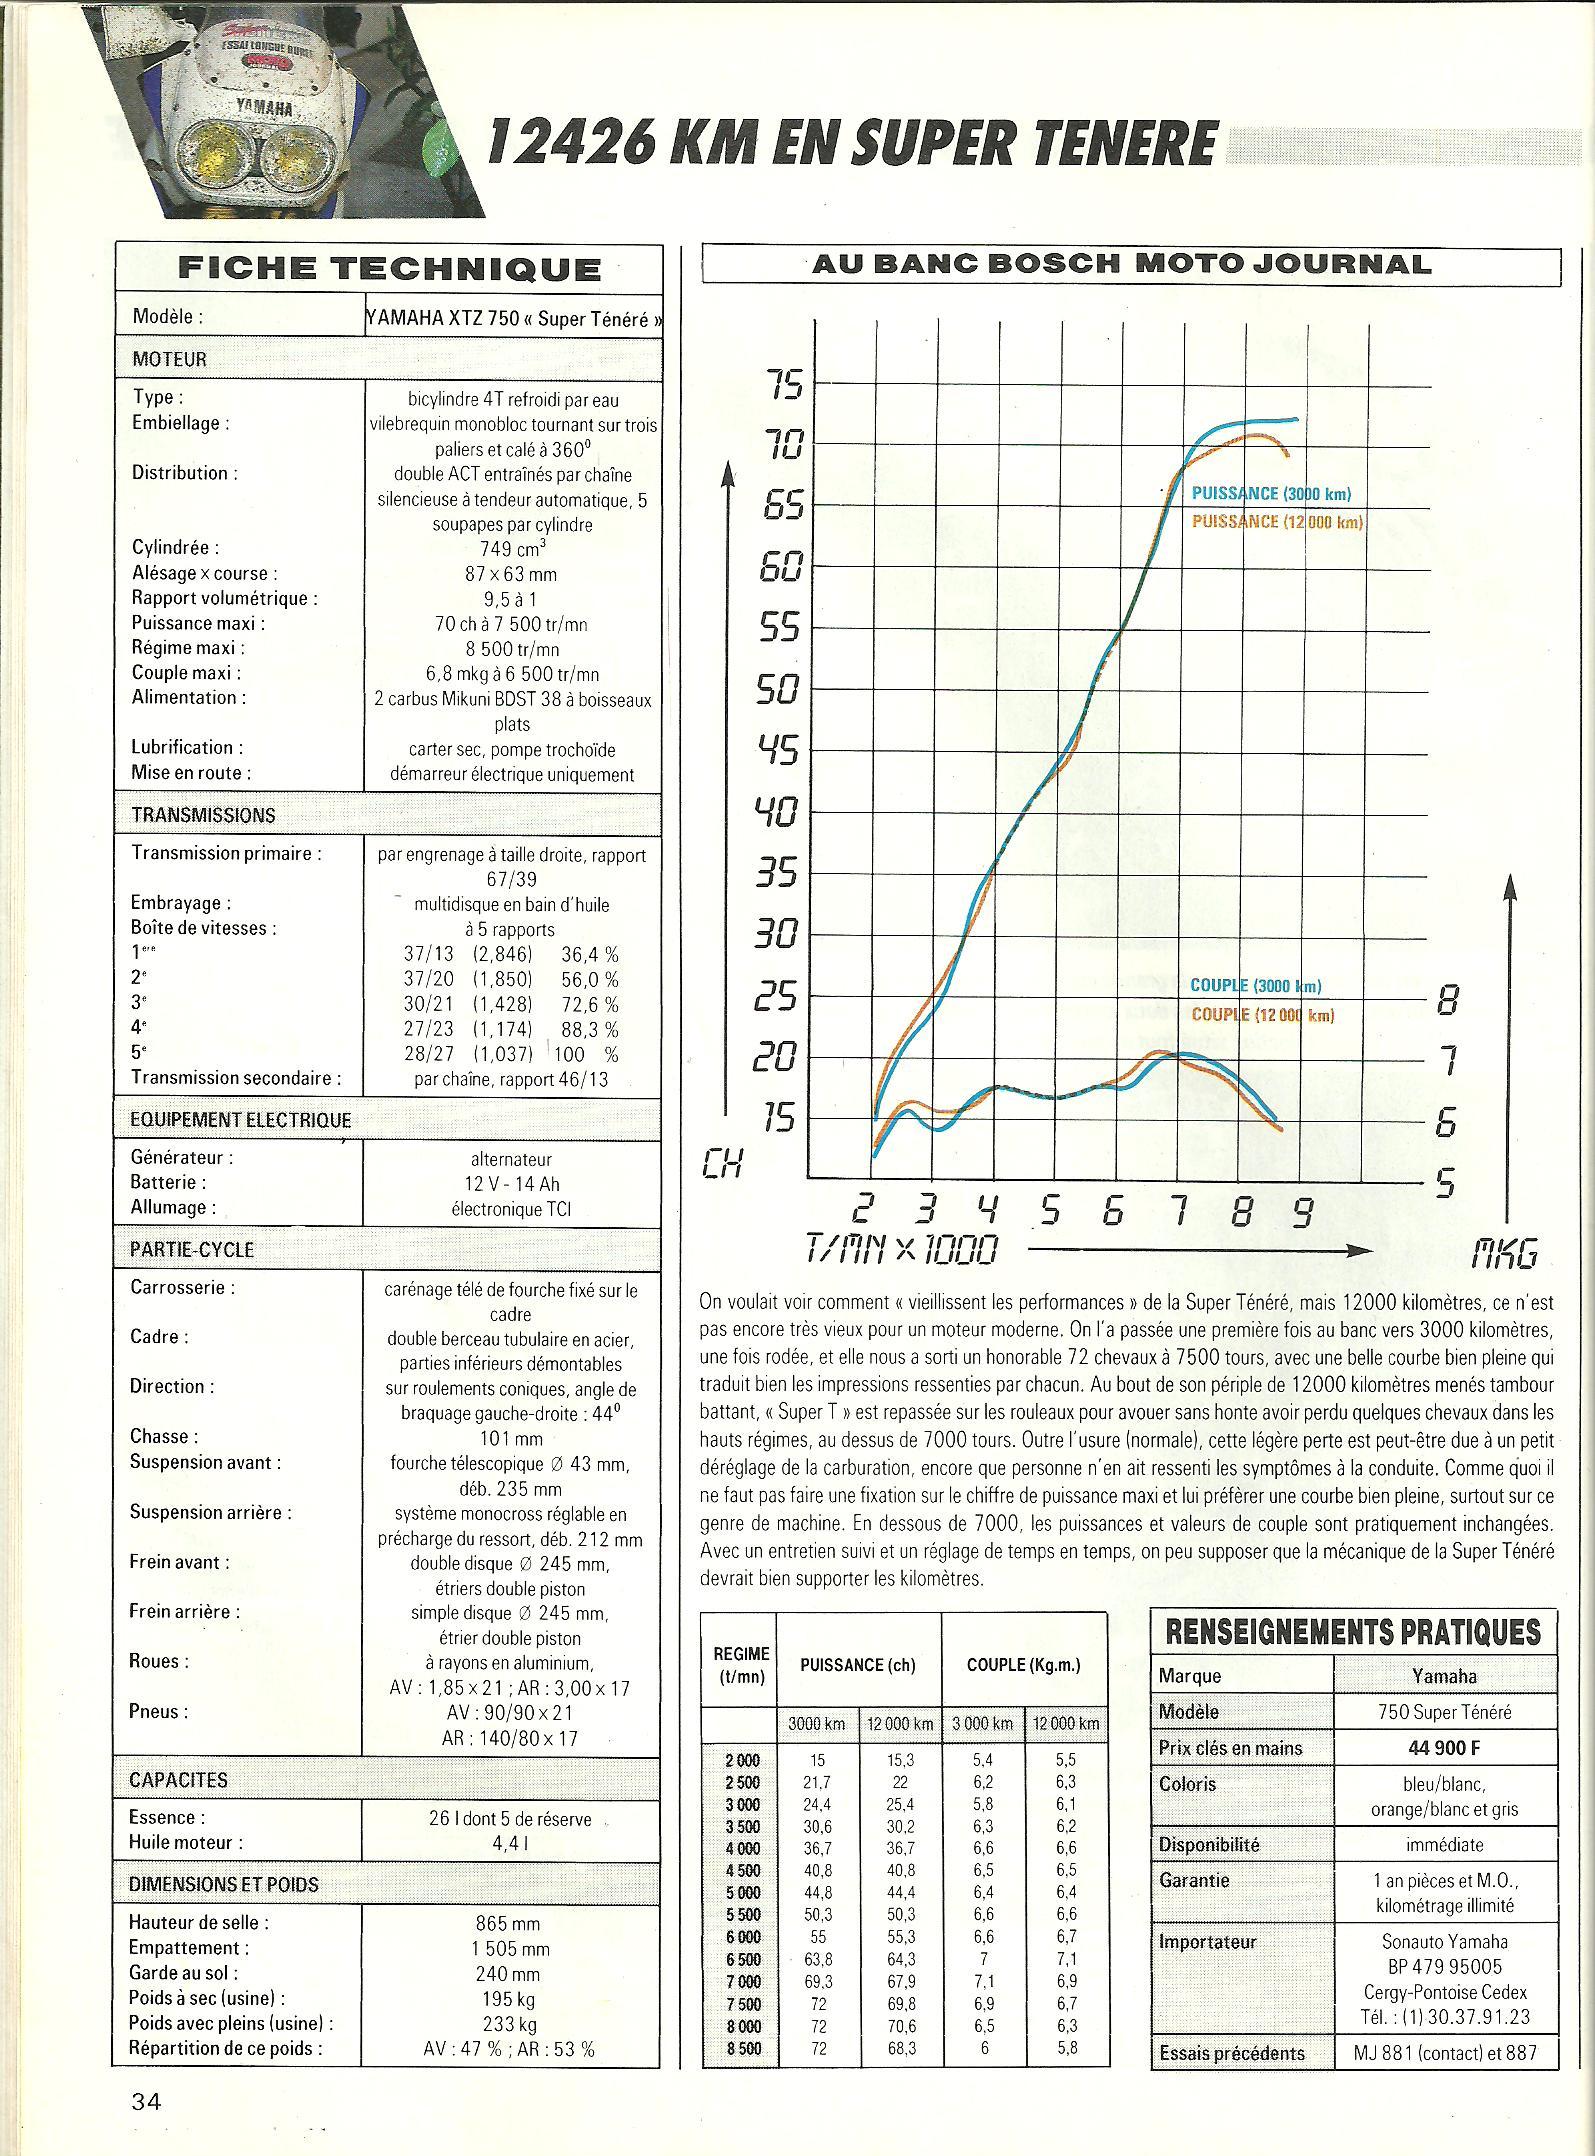 Essai longue durée 12'426km en Super ténéré 750 le 25 Mai 1989 880479p18001